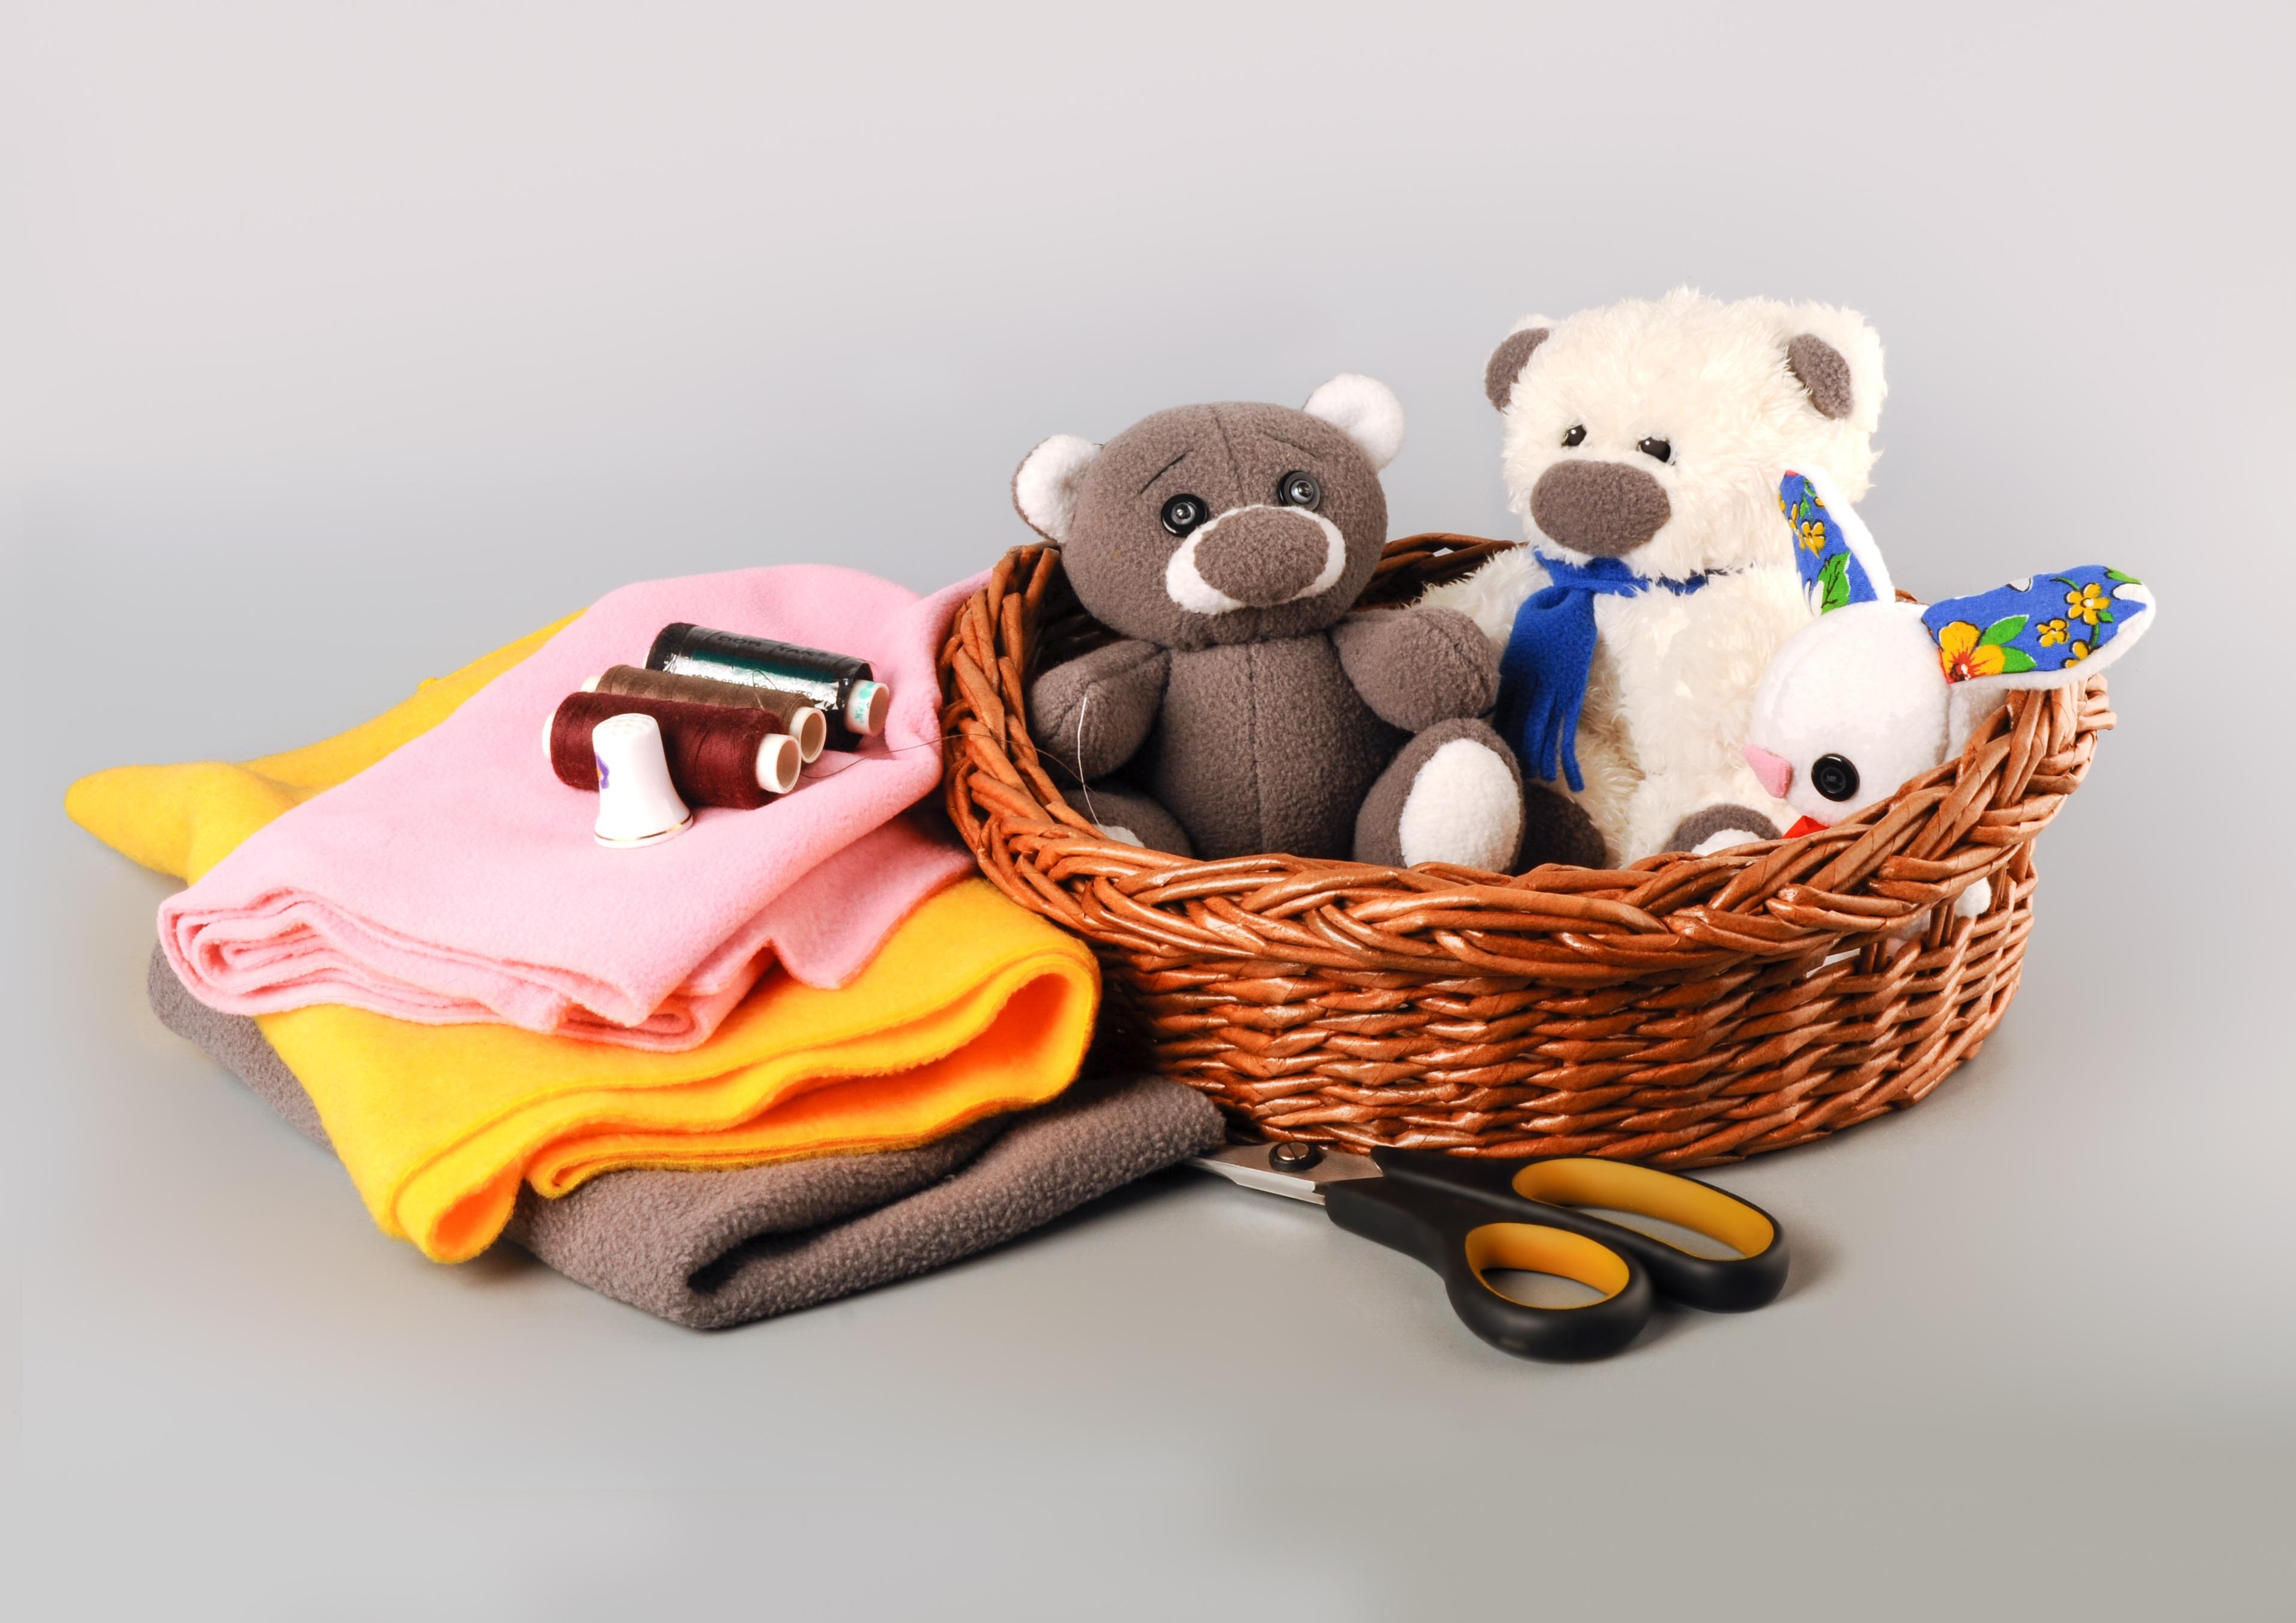 Kostenlose foto : Spiel, Bär, Korb, Spielzeug, Kindheit, Stoff ...